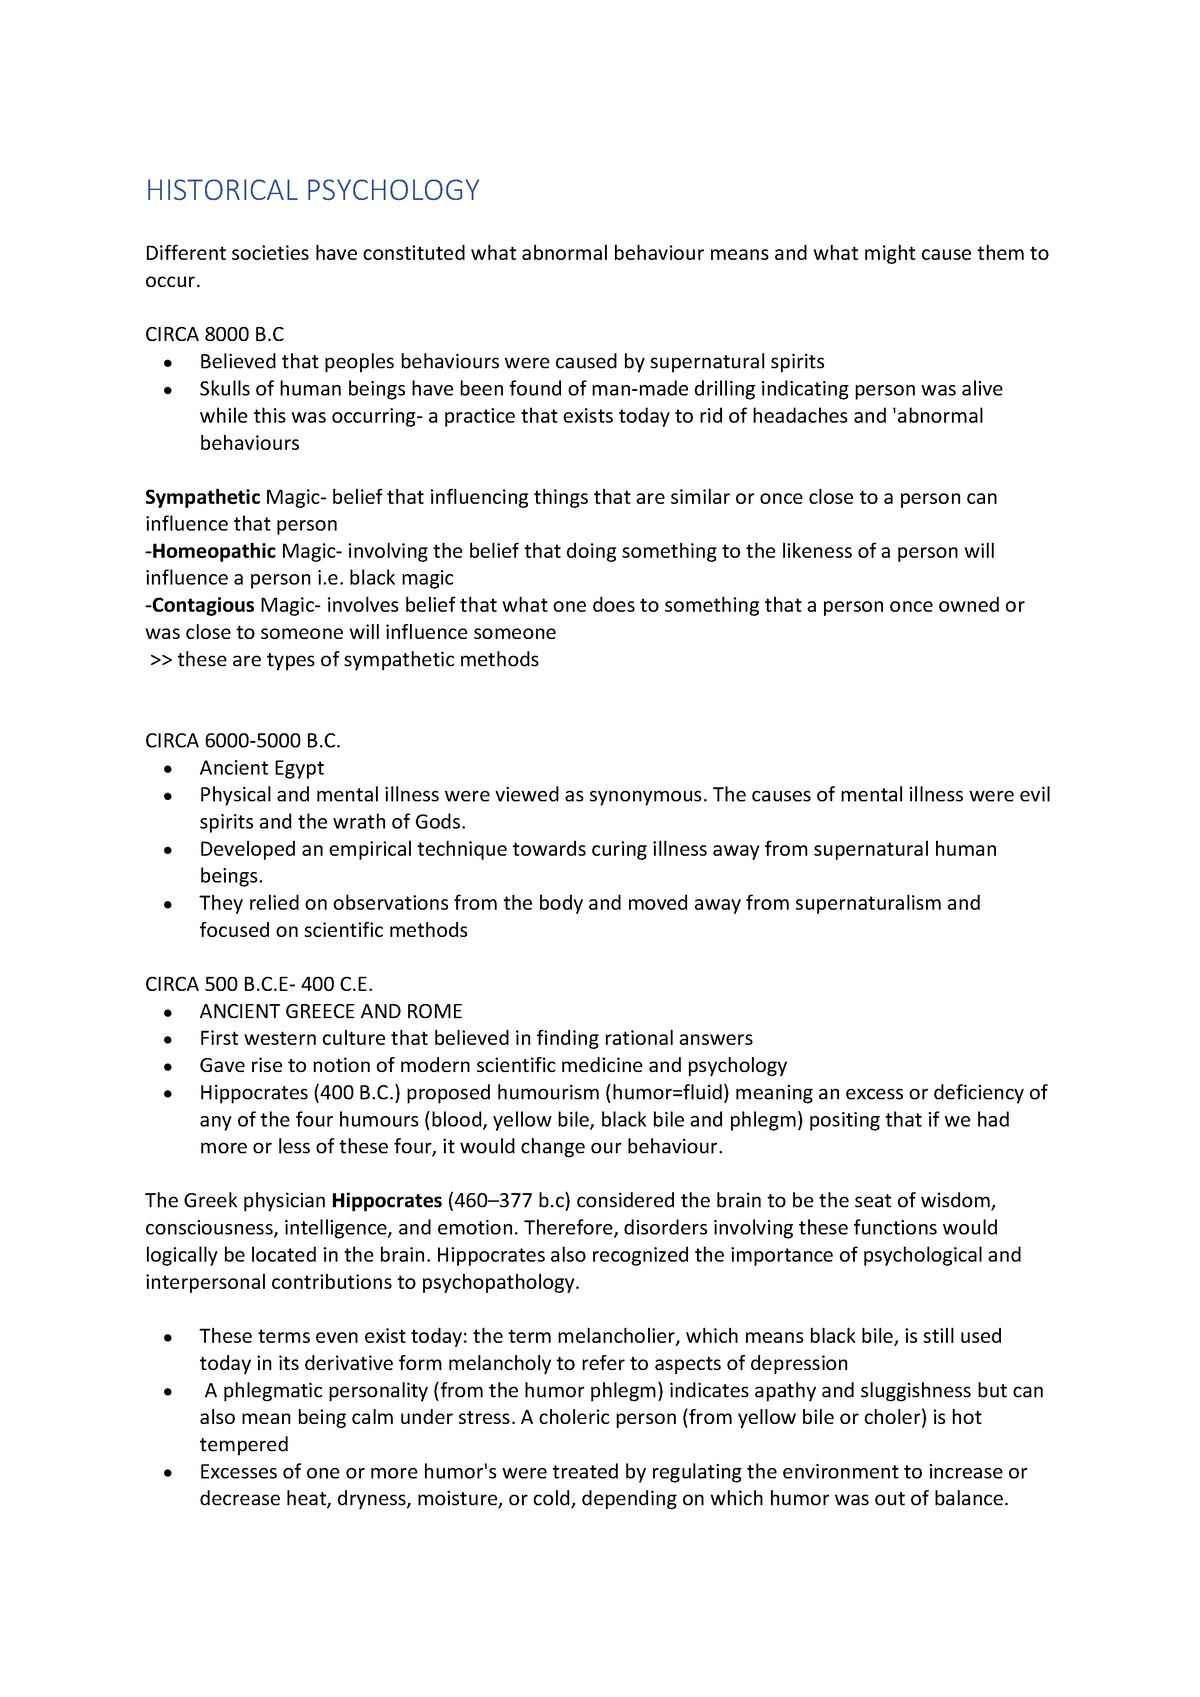 PSYC1023 Notes - PSYC1011 Psychology 1B - UNSW - StuDocu